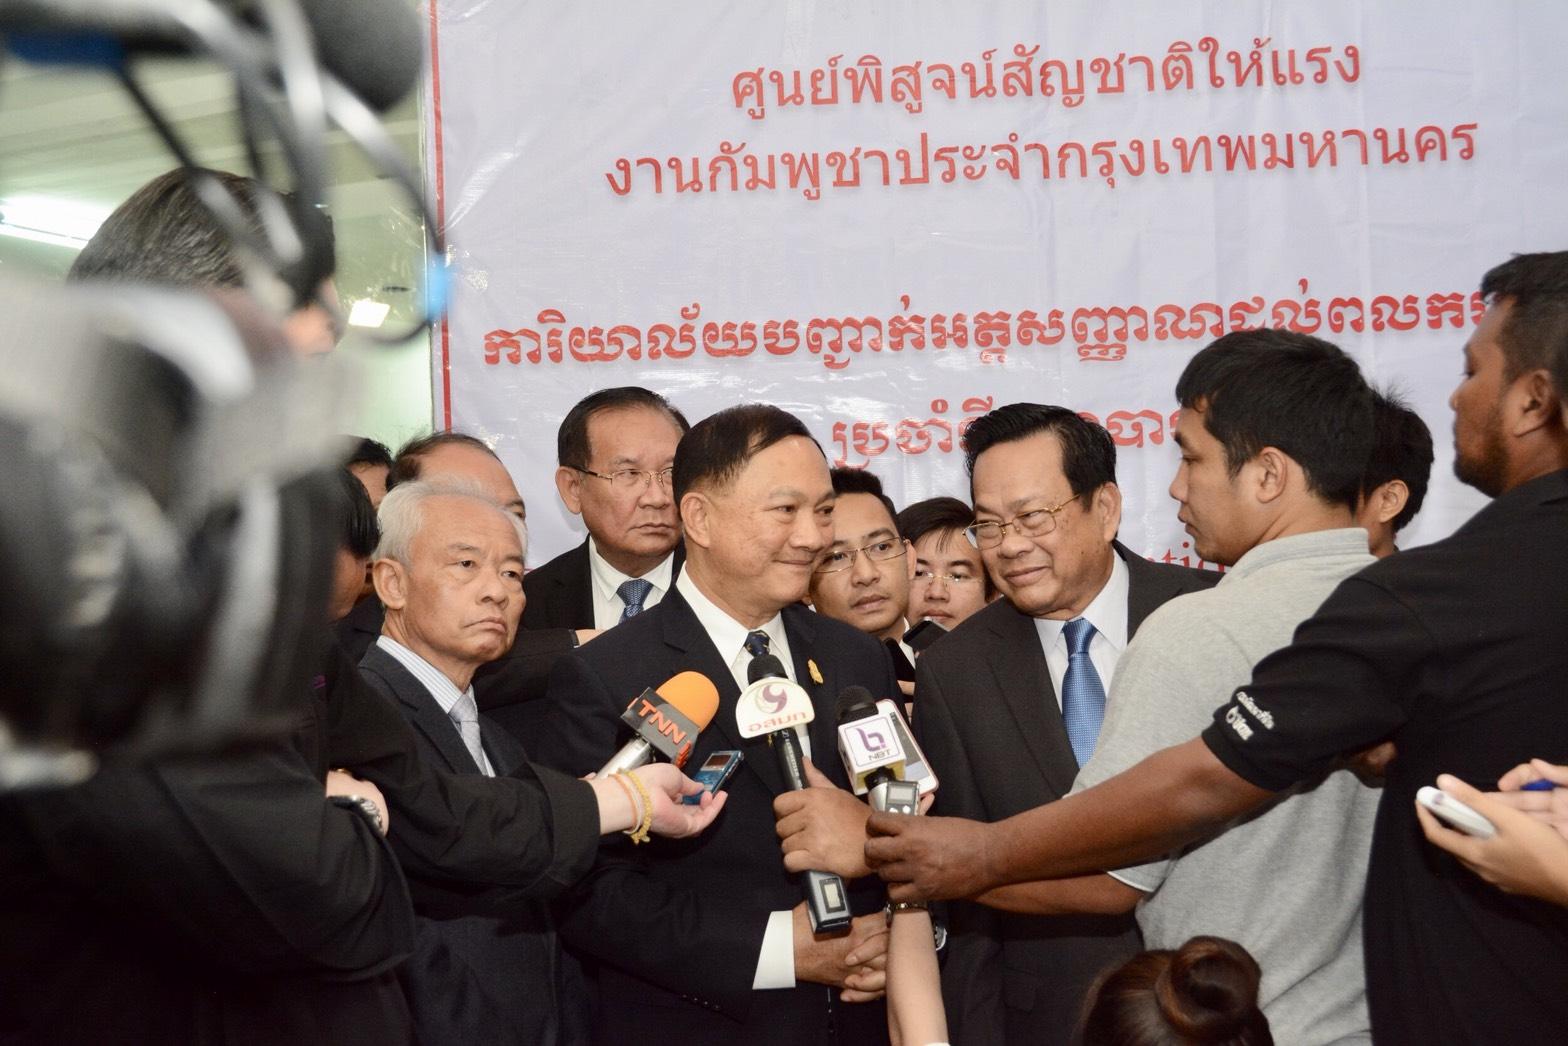 พล.ต.อ.อดุลย์ เเสงสิงเเก้ว  รัฐมนตรีว่าการกระทรวงเเรงงาน พร้อมด้วยนายอิทธิ์ ซัมเฮง รัฐมนตรีว่าการกระทรวงเเรงงานเเละฝึกอาชีพ แห่งราชอาณาจักรกัมพูชา และนายอนุรักษ์ ทศรัตน์ อธิบดีกรมการจัดหางาน ลงพื้นที่เยี่ยมศูนย์พิสูจน์สัญชาติกัมพูชา ที่ศูนย์การค้าอิมพีเรี